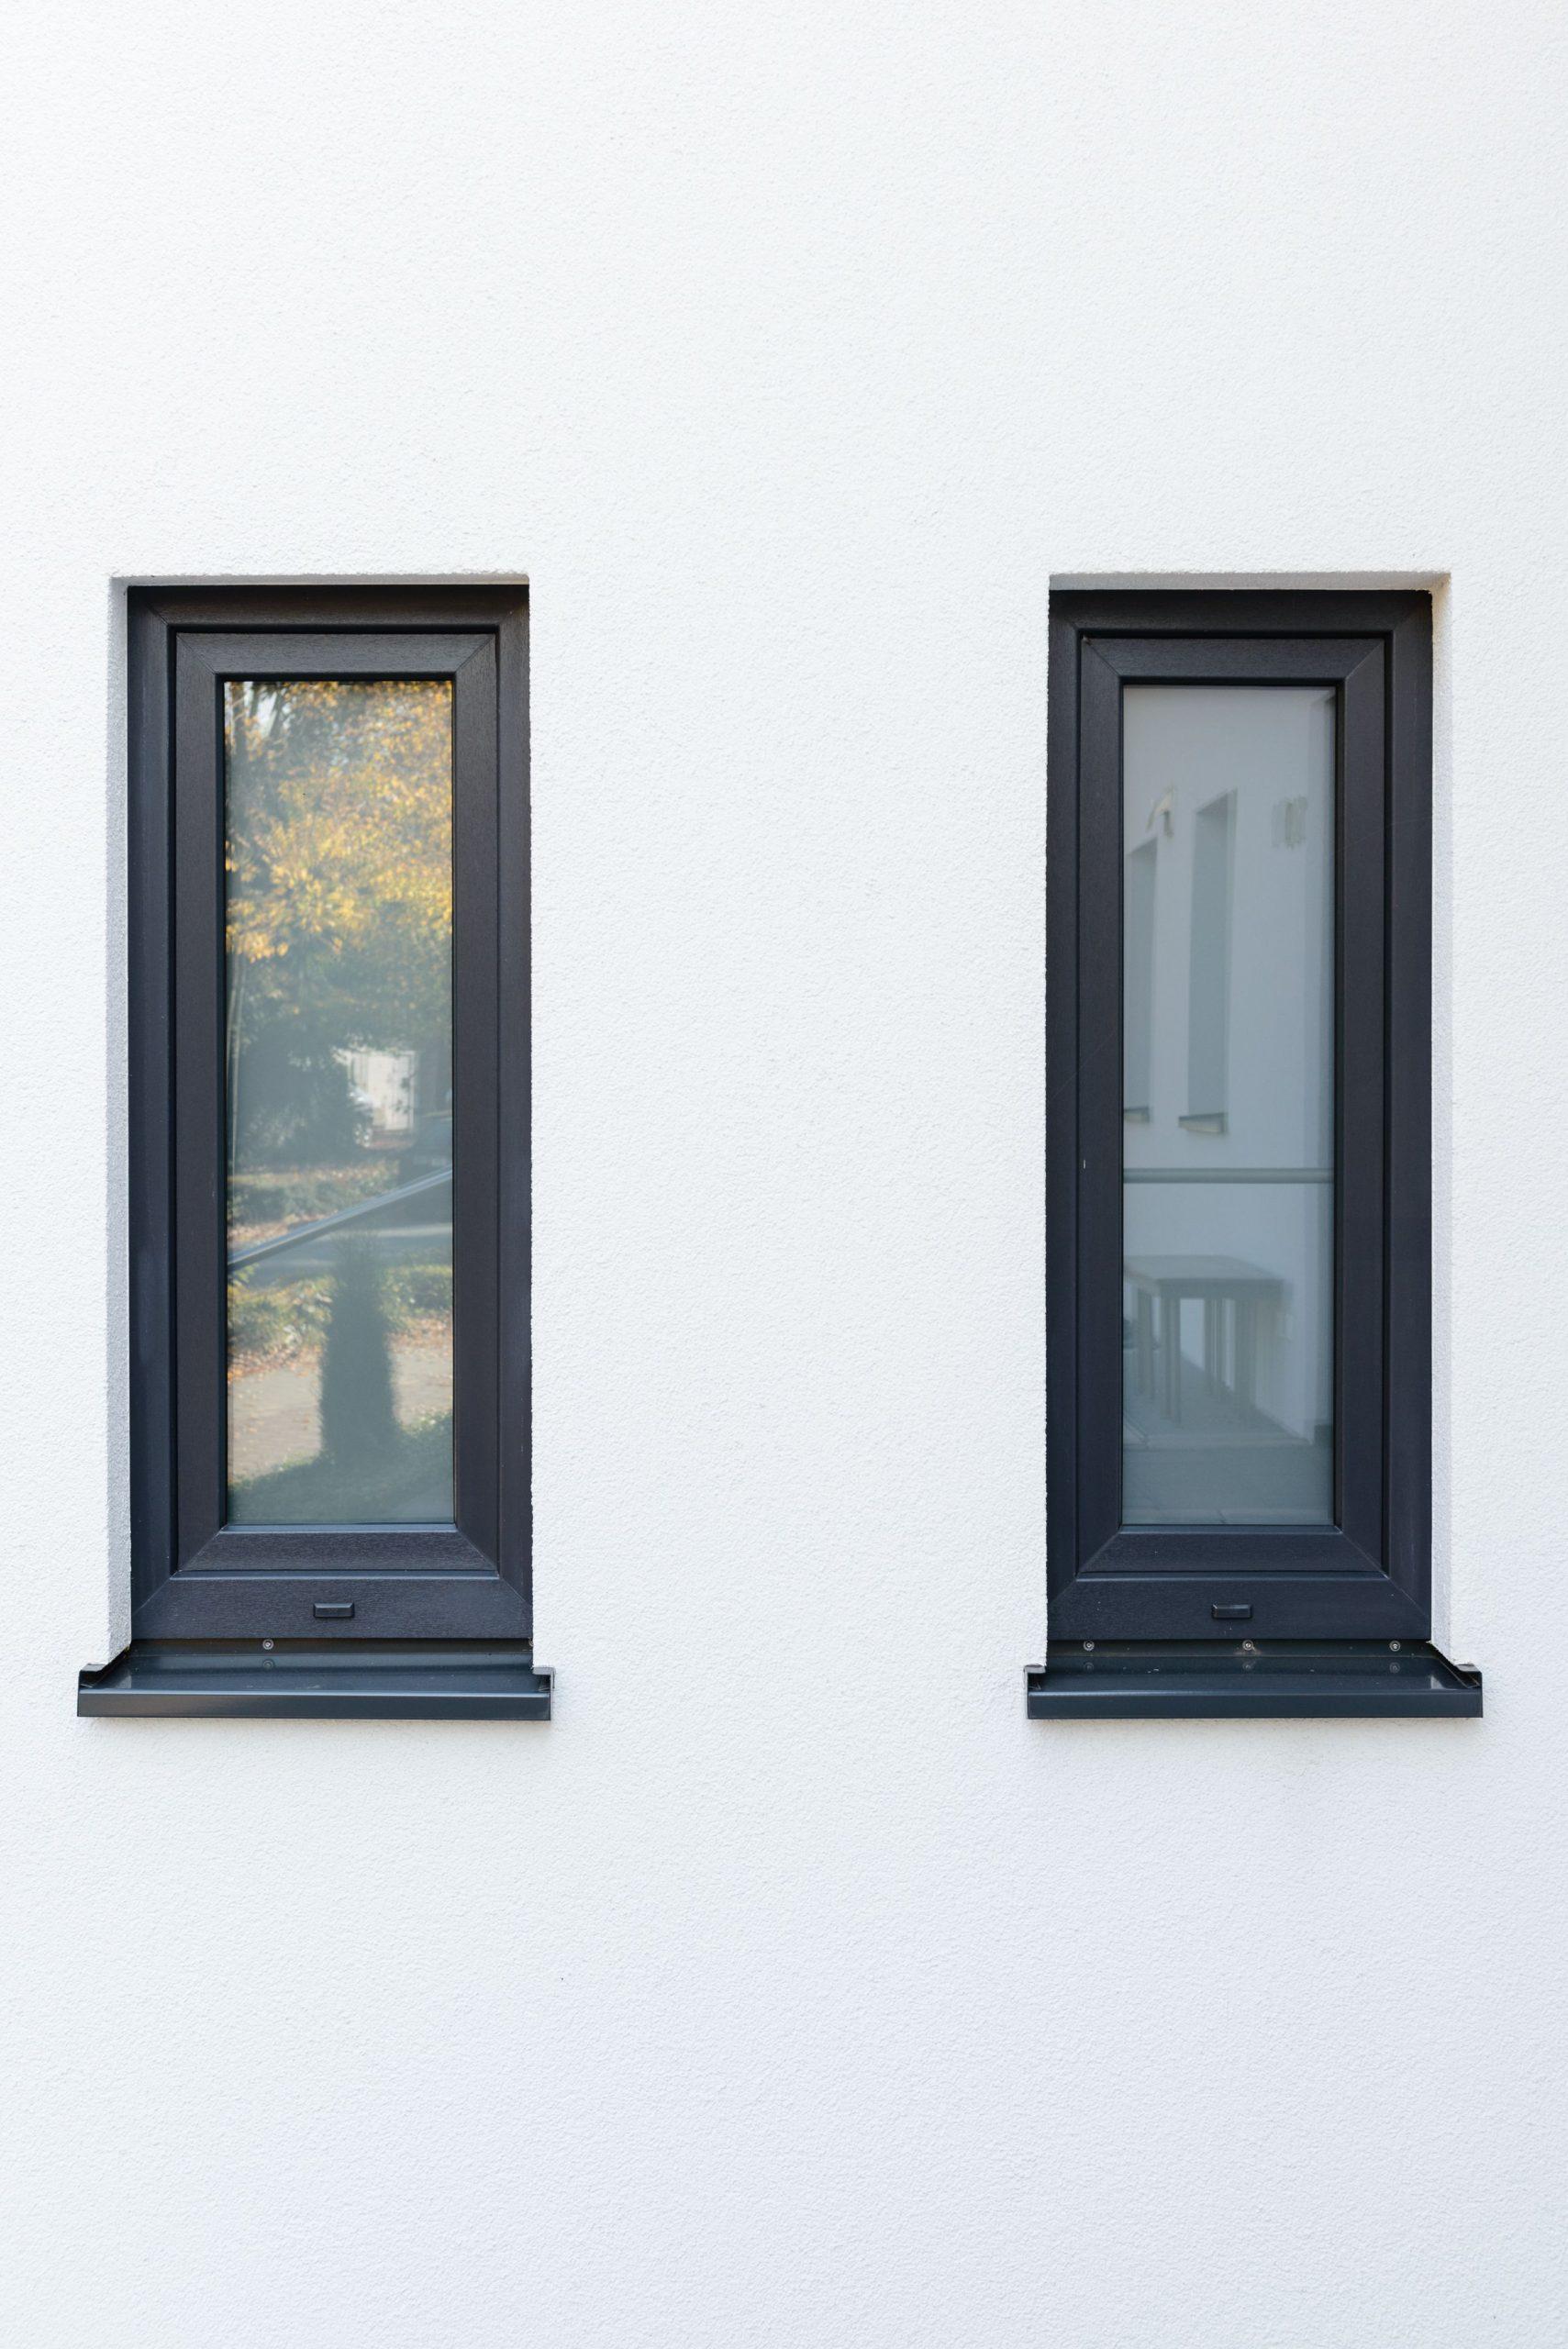 Full Size of Moderne Fenster Und Fensterbank In Schnem Anthrazit Architektur 120x120 Zwangsbelüftung Nachrüsten Sonnenschutz Innen Mit Rolladenkasten Velux Einbauen Fenster Fenster Anthrazit